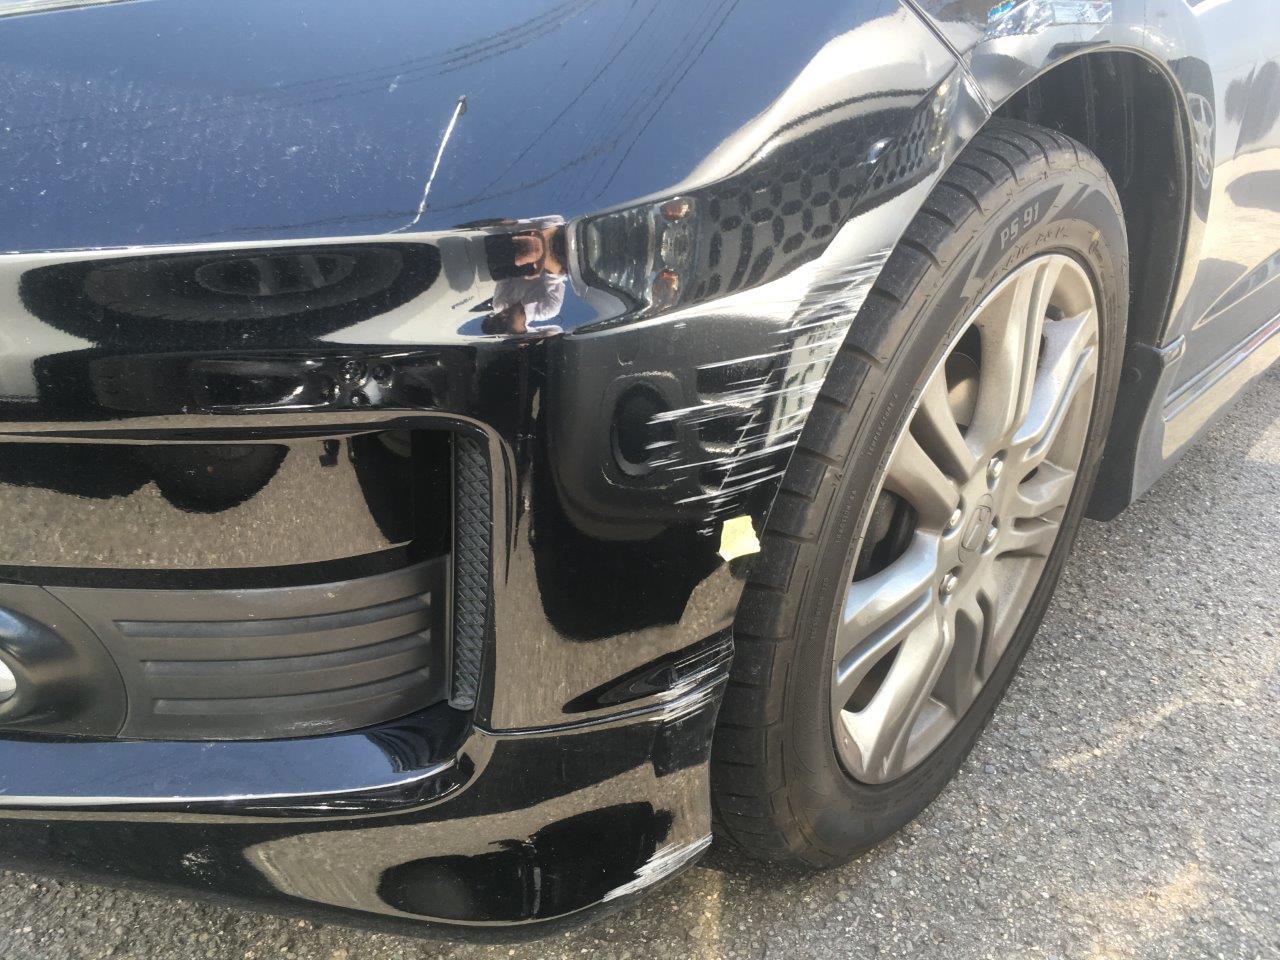 ホンダ「フィット」フロントバンパ左側修理 / 和歌山の板金塗装・車修理はプロモワカヤマ